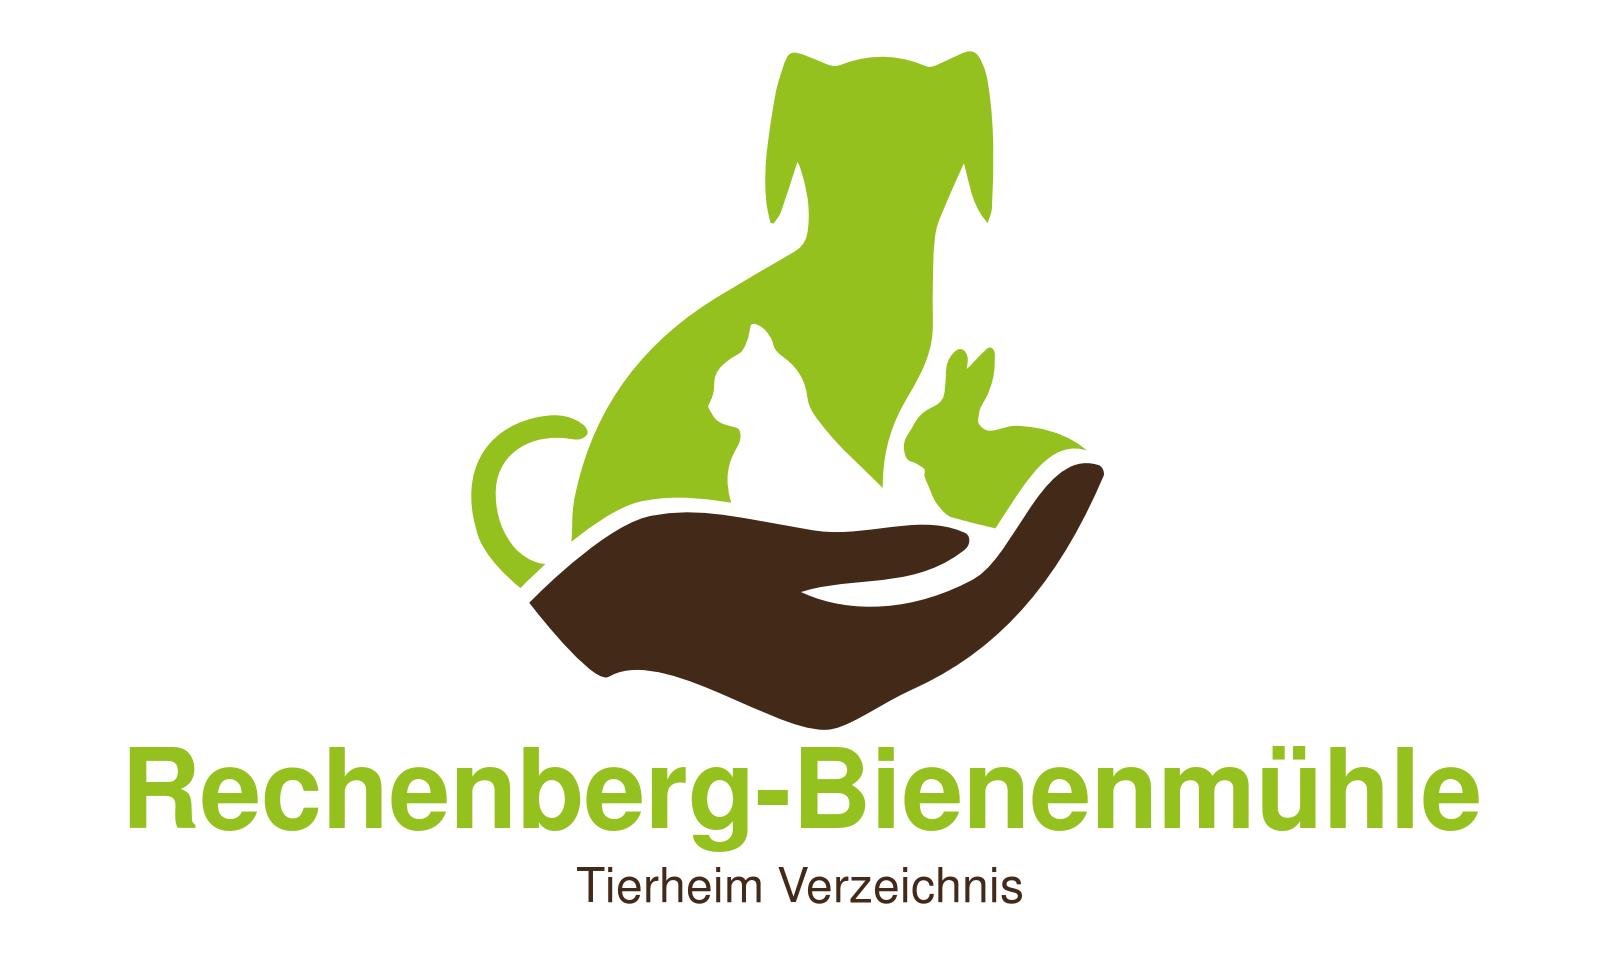 Tierheim Rechenberg-Bienenmühle